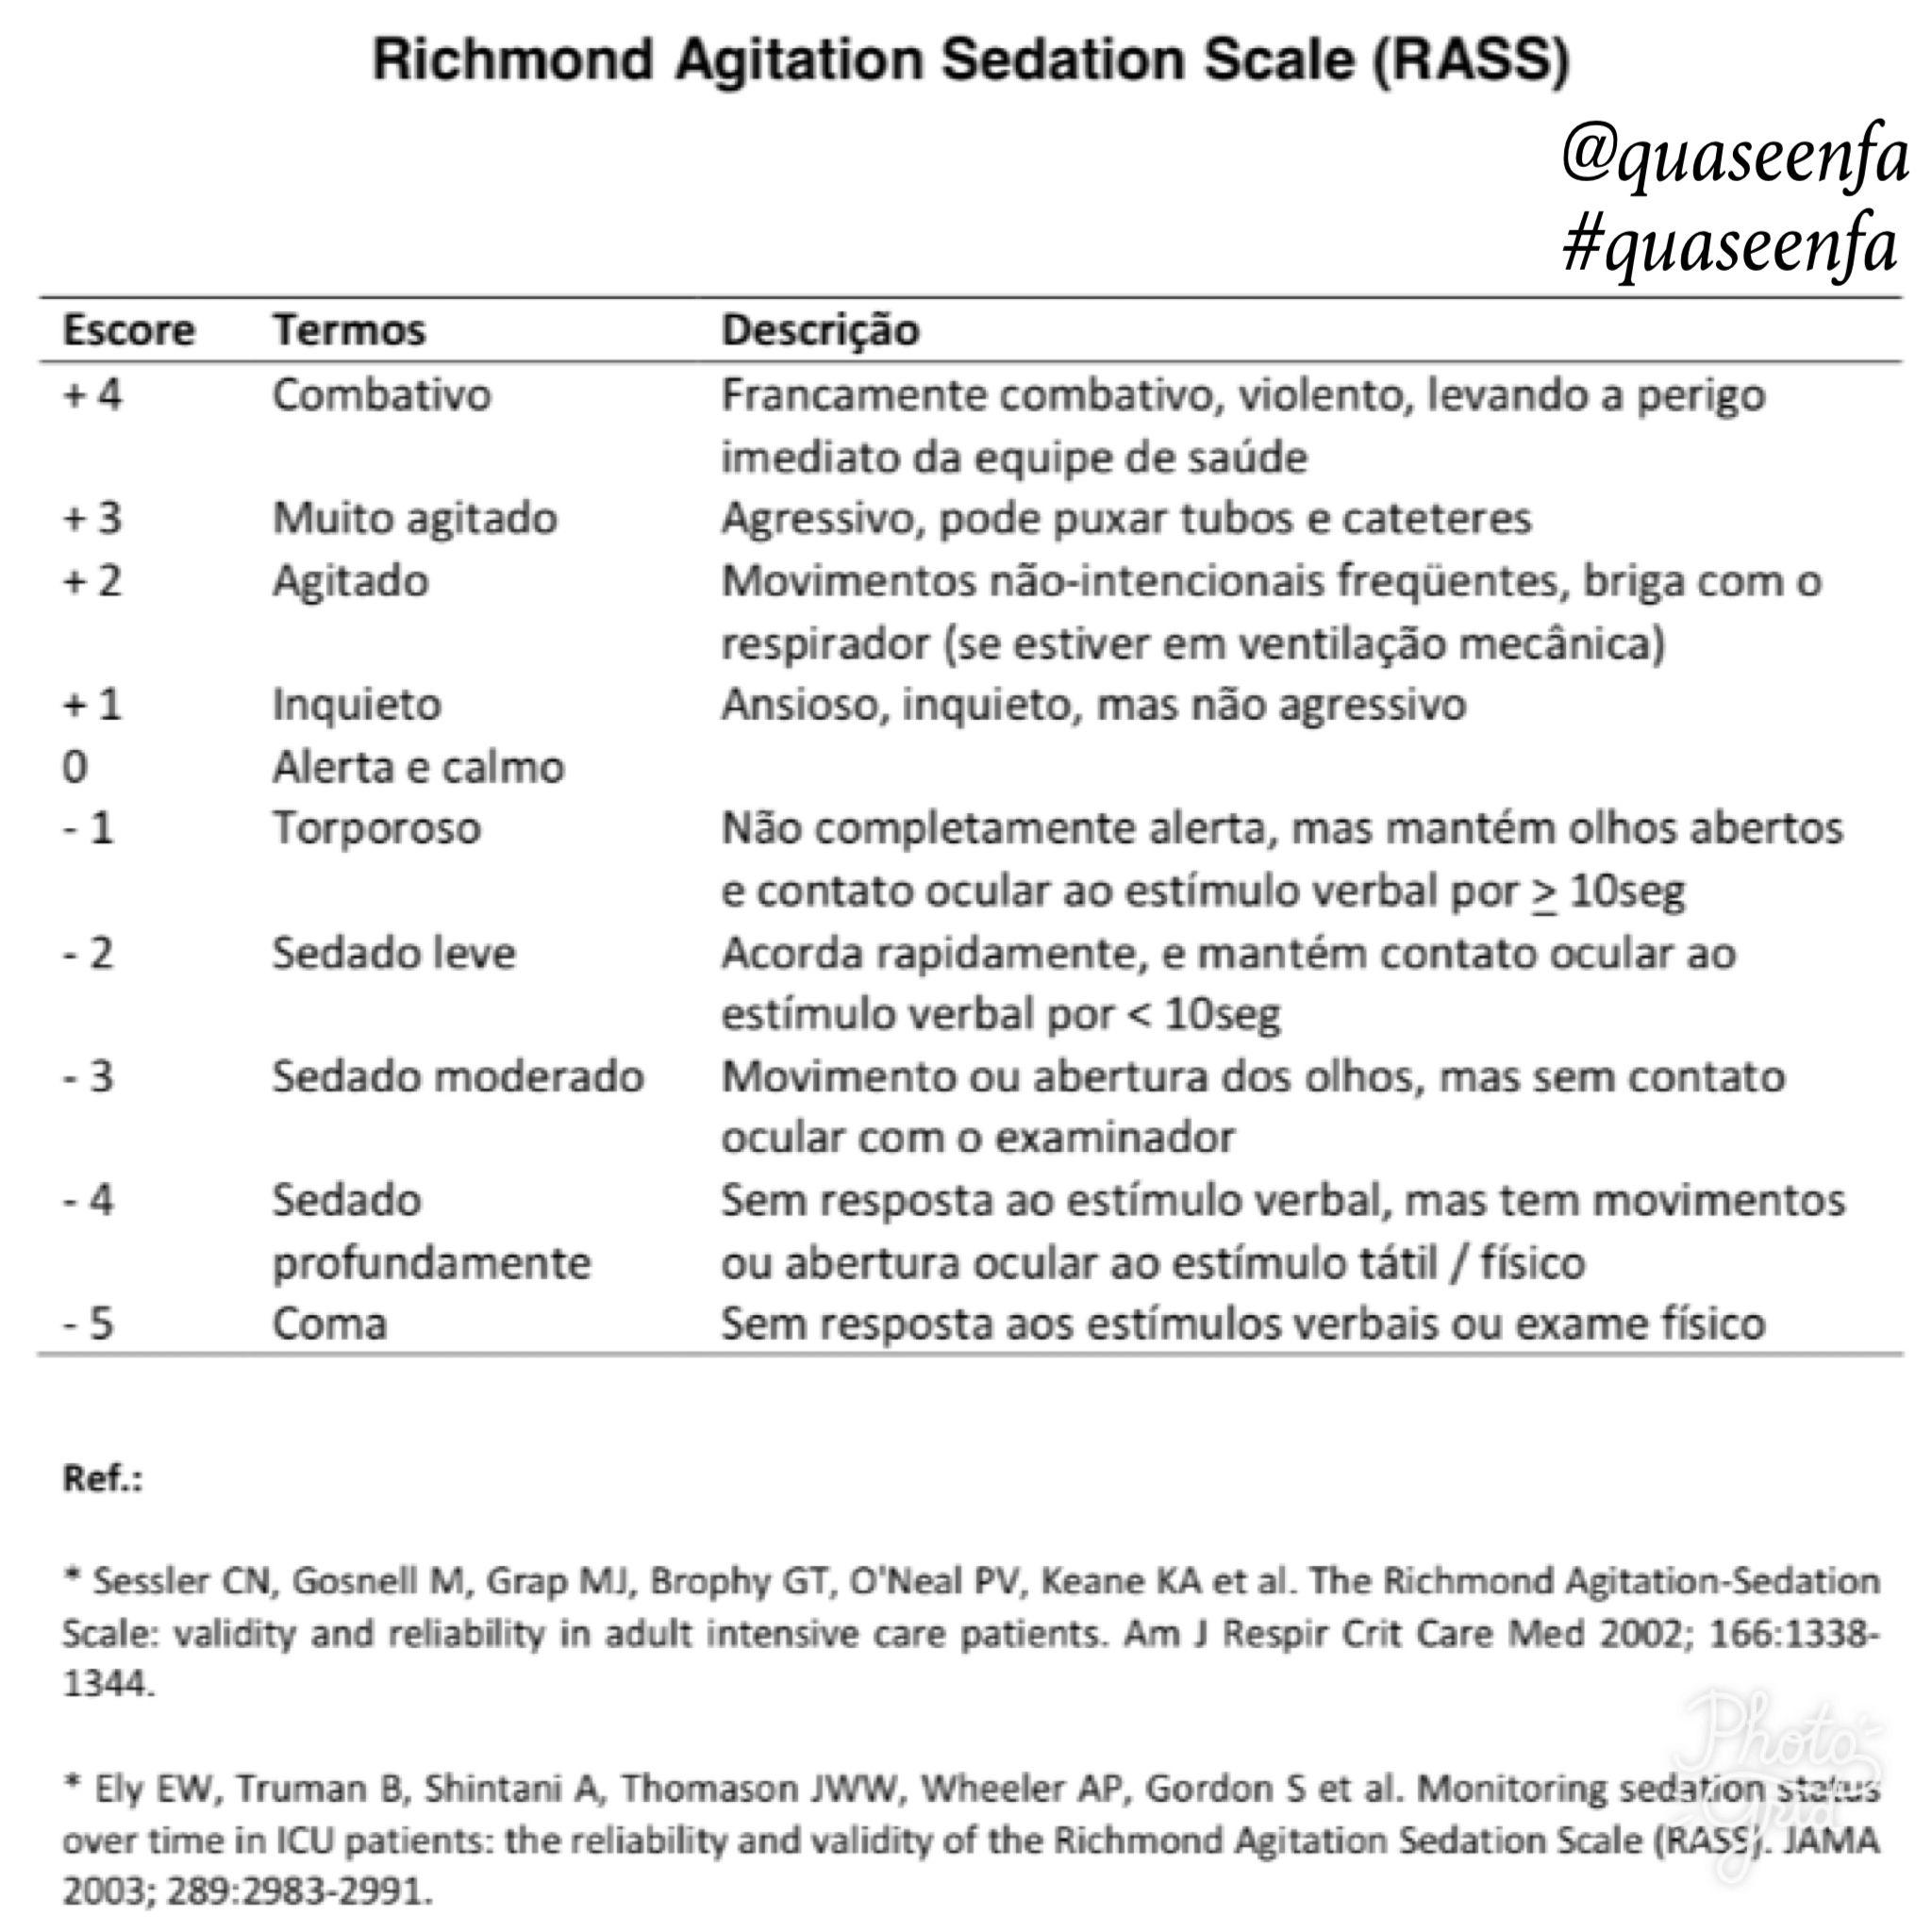 Você conhece a escala de RASS? A escala de agitação e